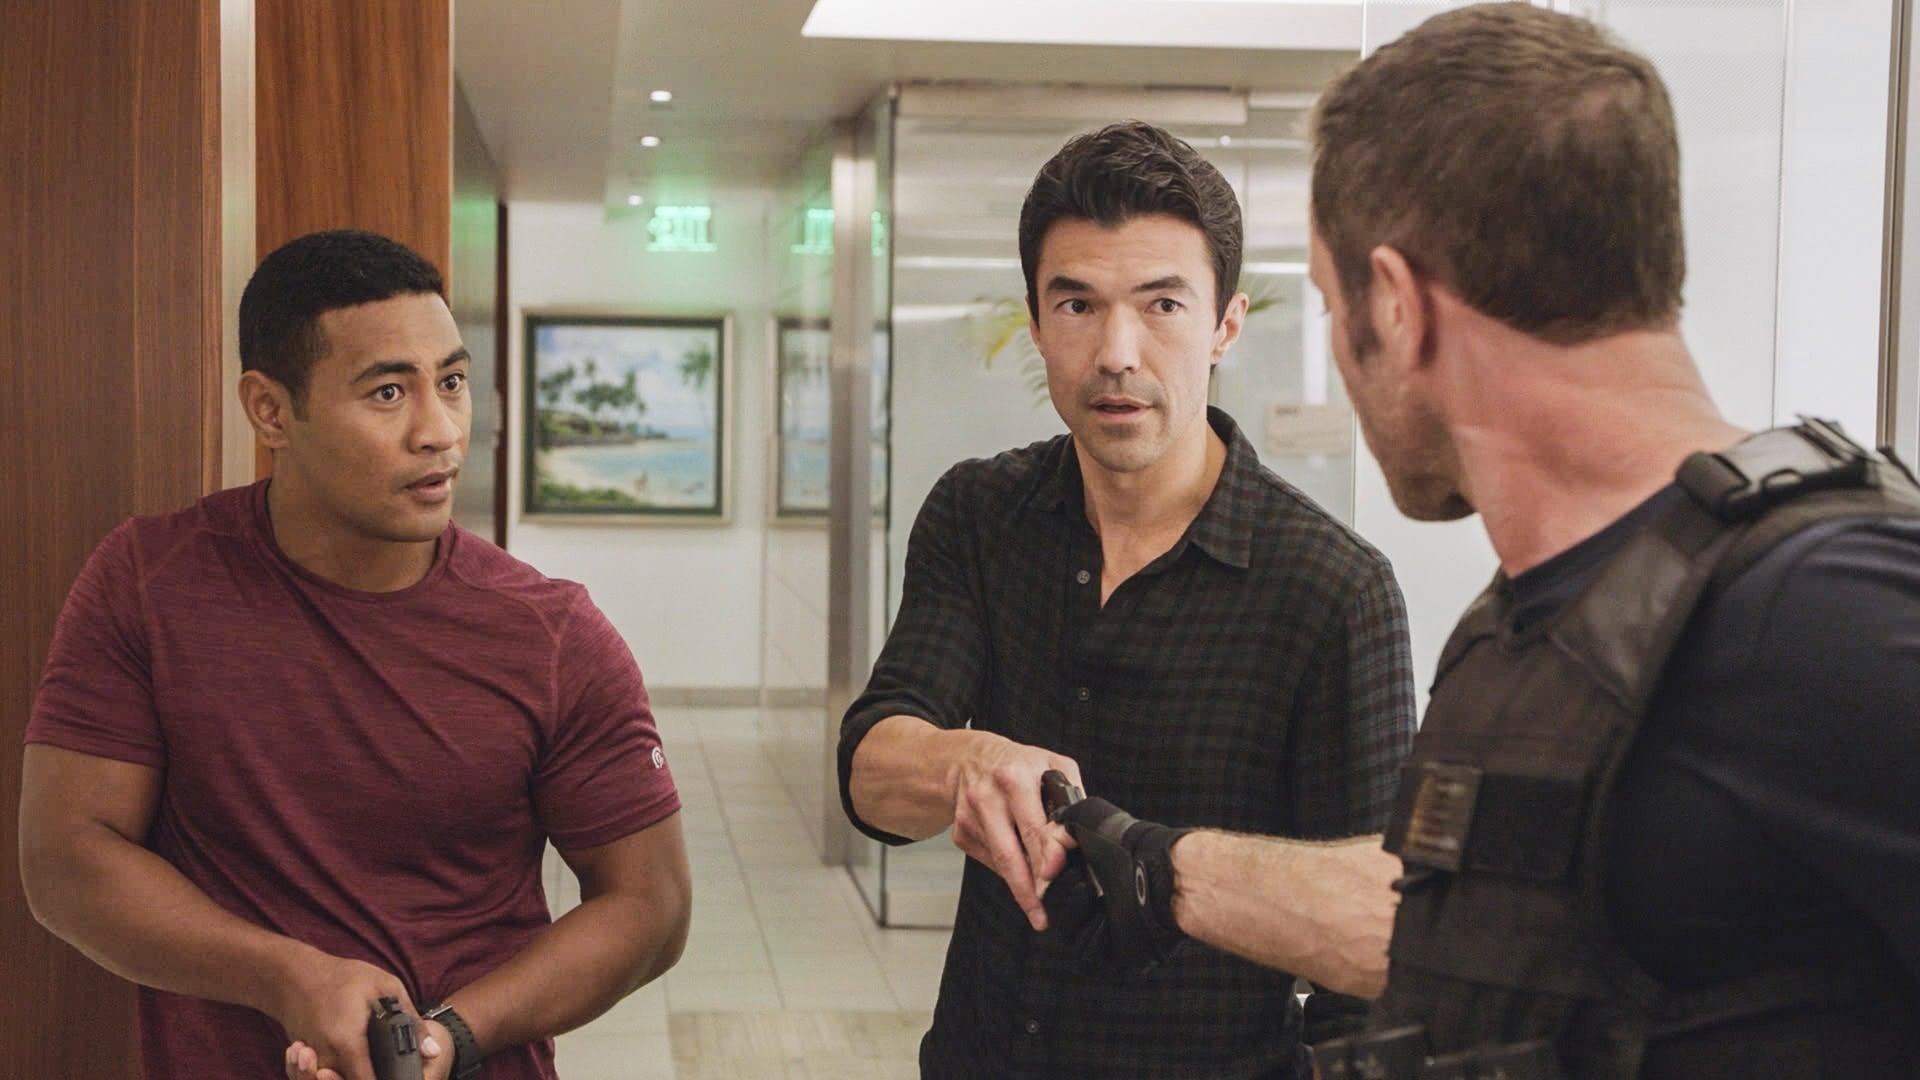 Hawaii Five-0 - Season 8 Episode 7 : Kau Ka 'Onohi Ali'i I Luna (The Royal Eyes Rest Above)